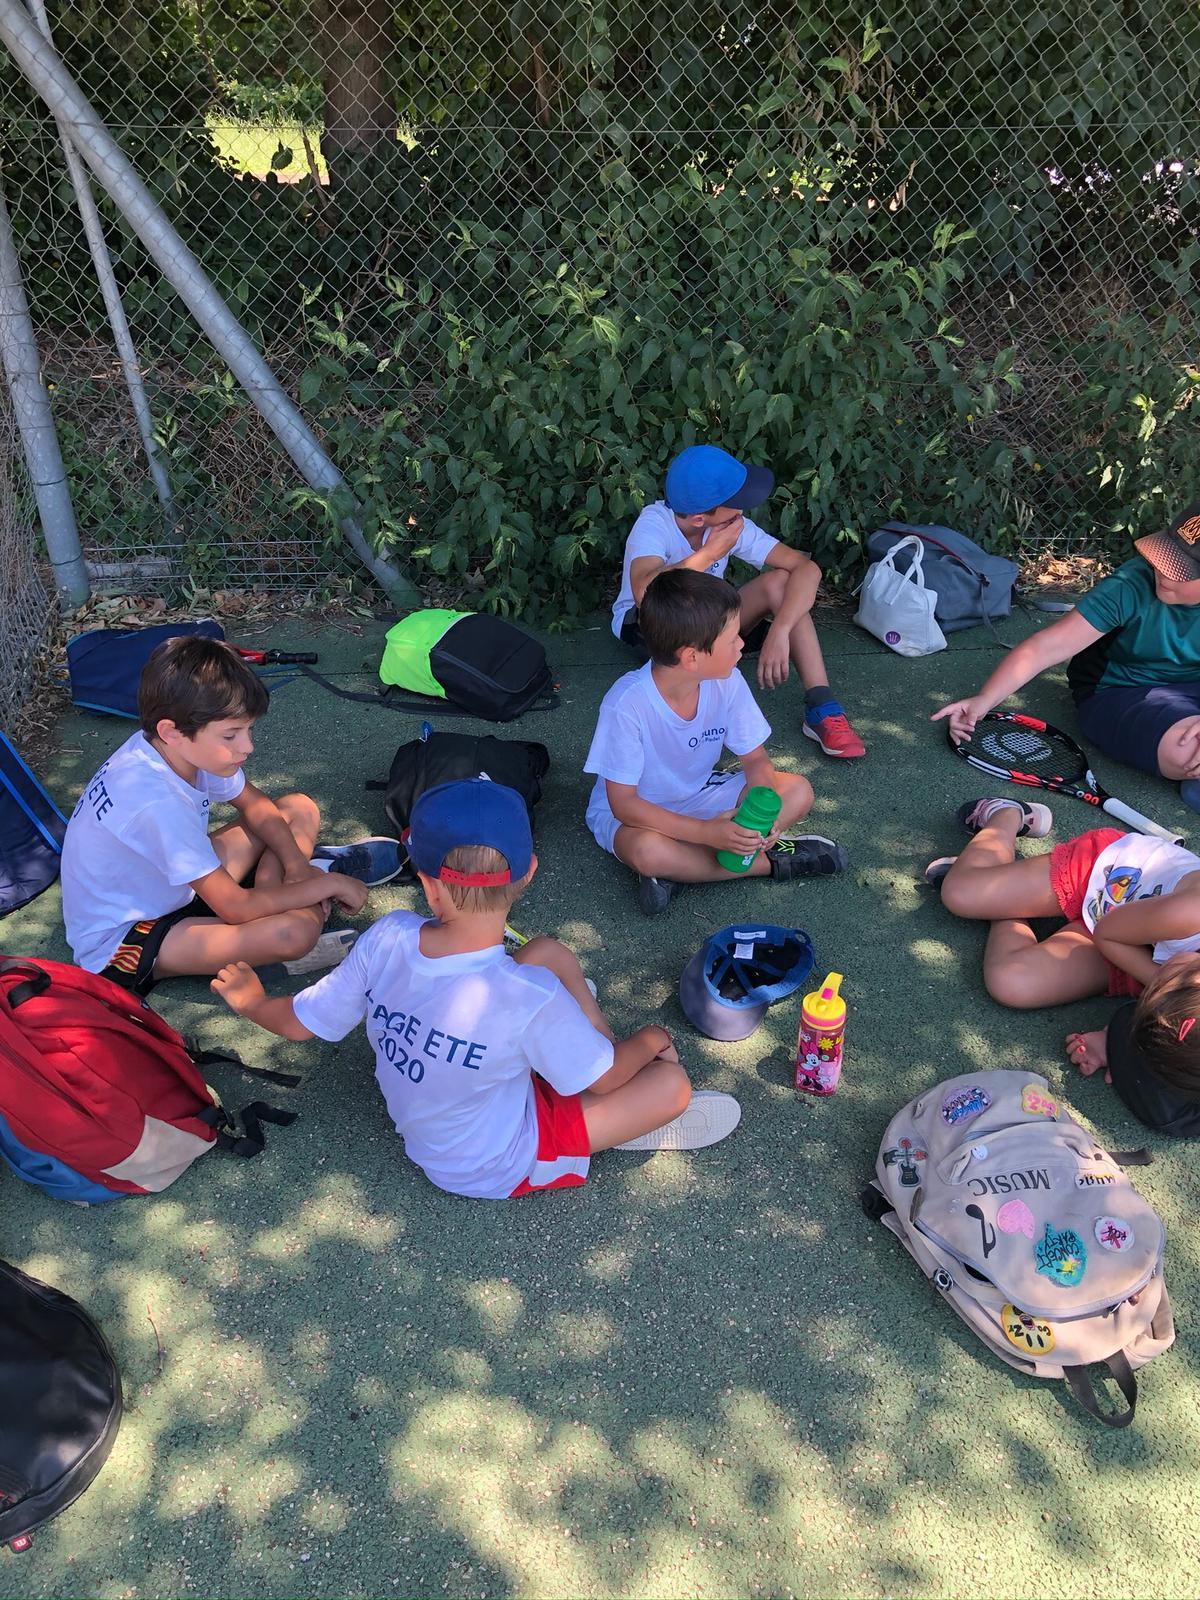 ecole de tennis du park - les accates - olivier launo 12